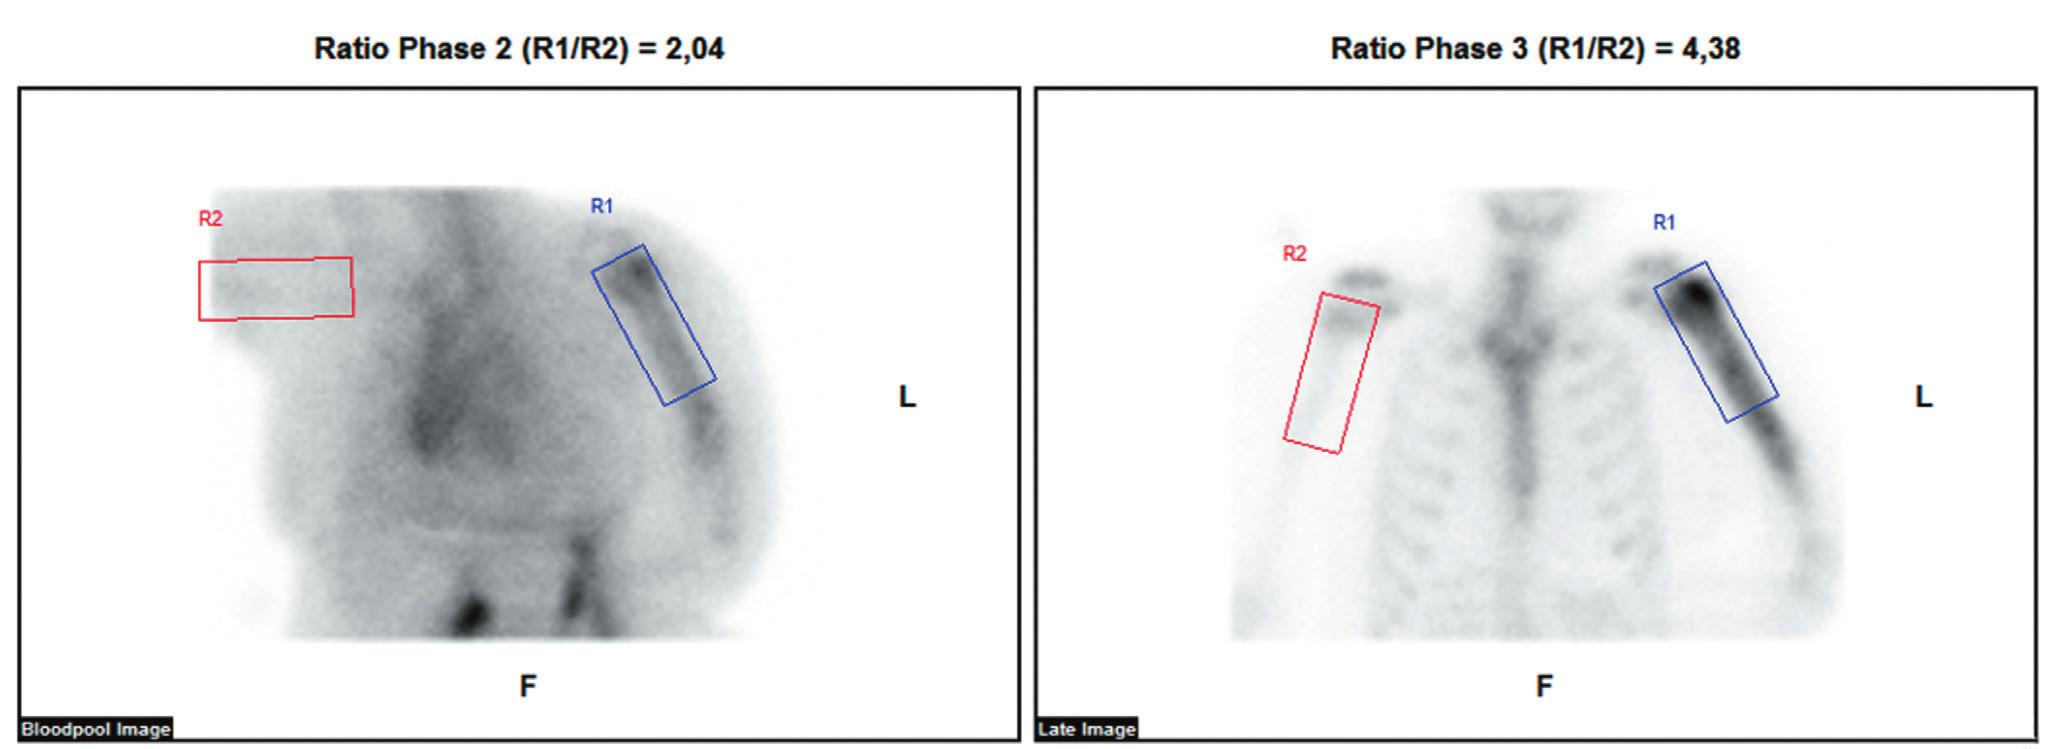 Provedená třífázová scintigrafie skeletu ukazuje ve fázi blood poolu nasnímané 5 minut po aplikaci radiofarmaka zvýšené tkáňové prokrvení v oblasti diafýzy levé pažní kosti. Ve třetí fázi nasnímané za 2 h po aplikaci radiofarmaka je aktivita akumulována zvýšeně v proximálních 2/3 diafýzy s maximem v hlavici laterálně.